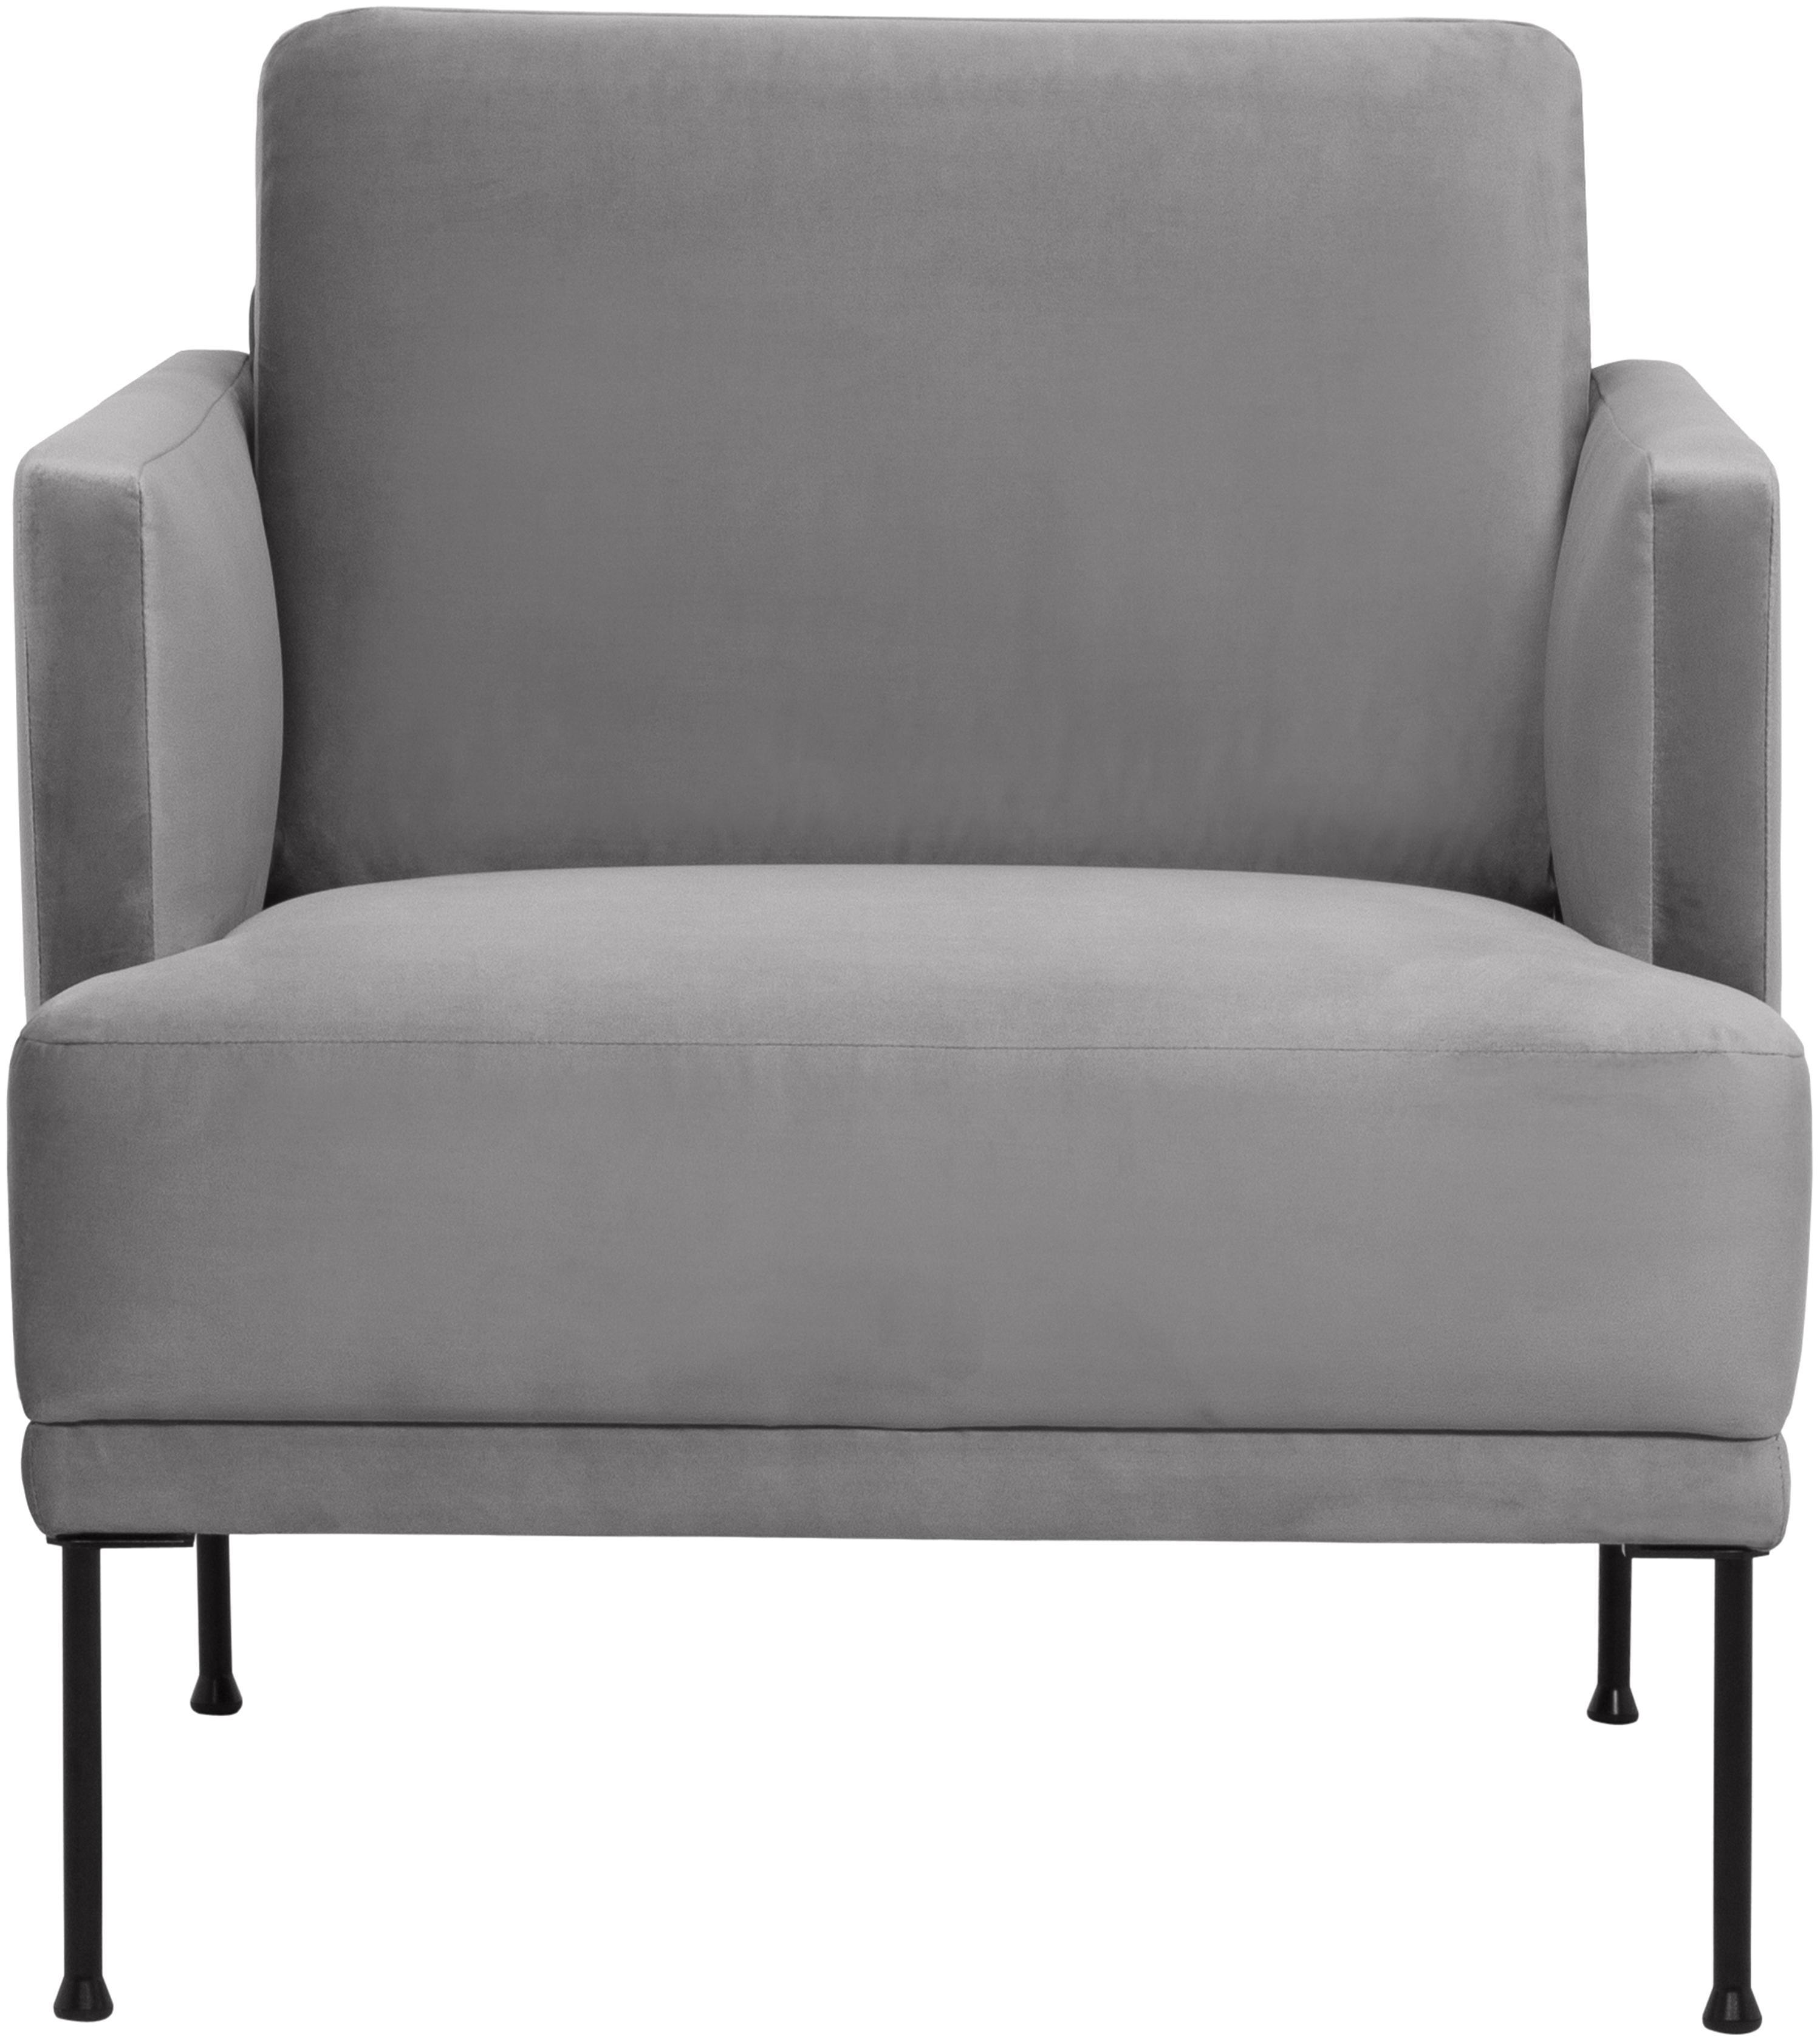 Fluwelen fauteuil Fluente, Bekleding: fluweel (hoogwaardig poly, Frame: massief grenenhout, Poten: gepoedercoat metaal, Lichtgrijs, B 74 x D 85 cm